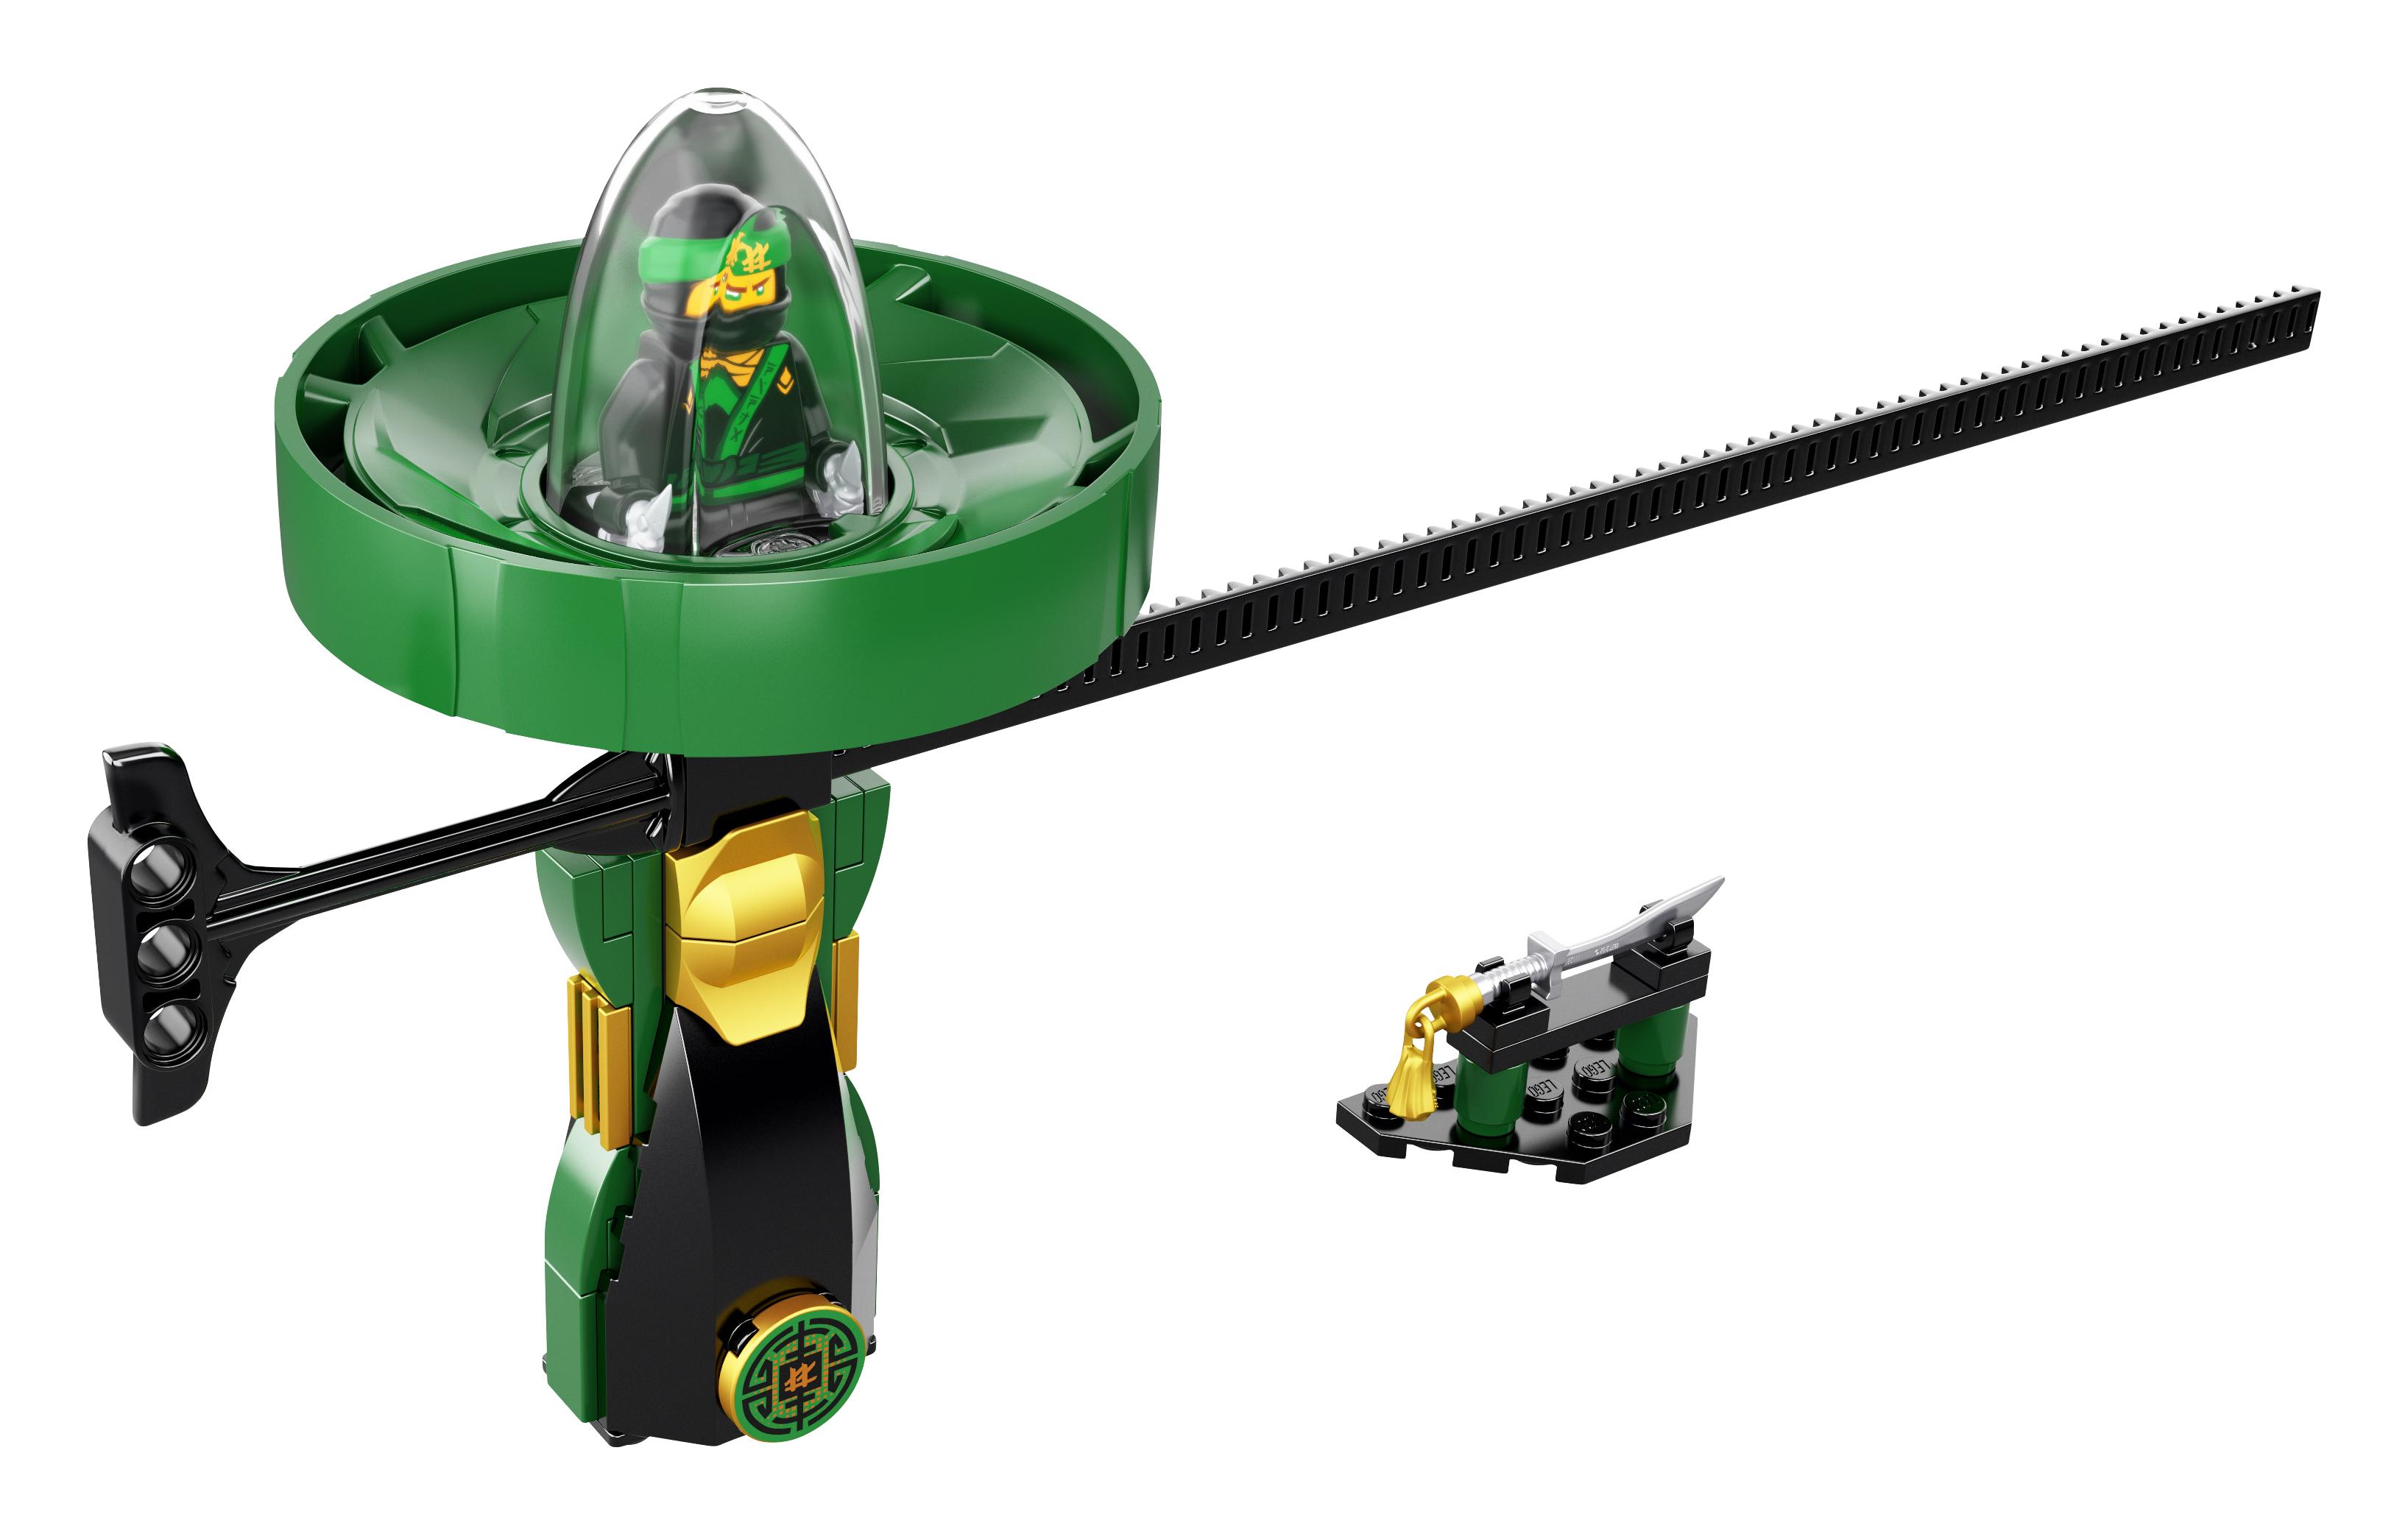 LEGO LEGO Конструктор LEGO Ninjago 70628 Ллойд-Мастер Кружитцу игрушки в песочницу нордпласт набор формочек для песка крепость